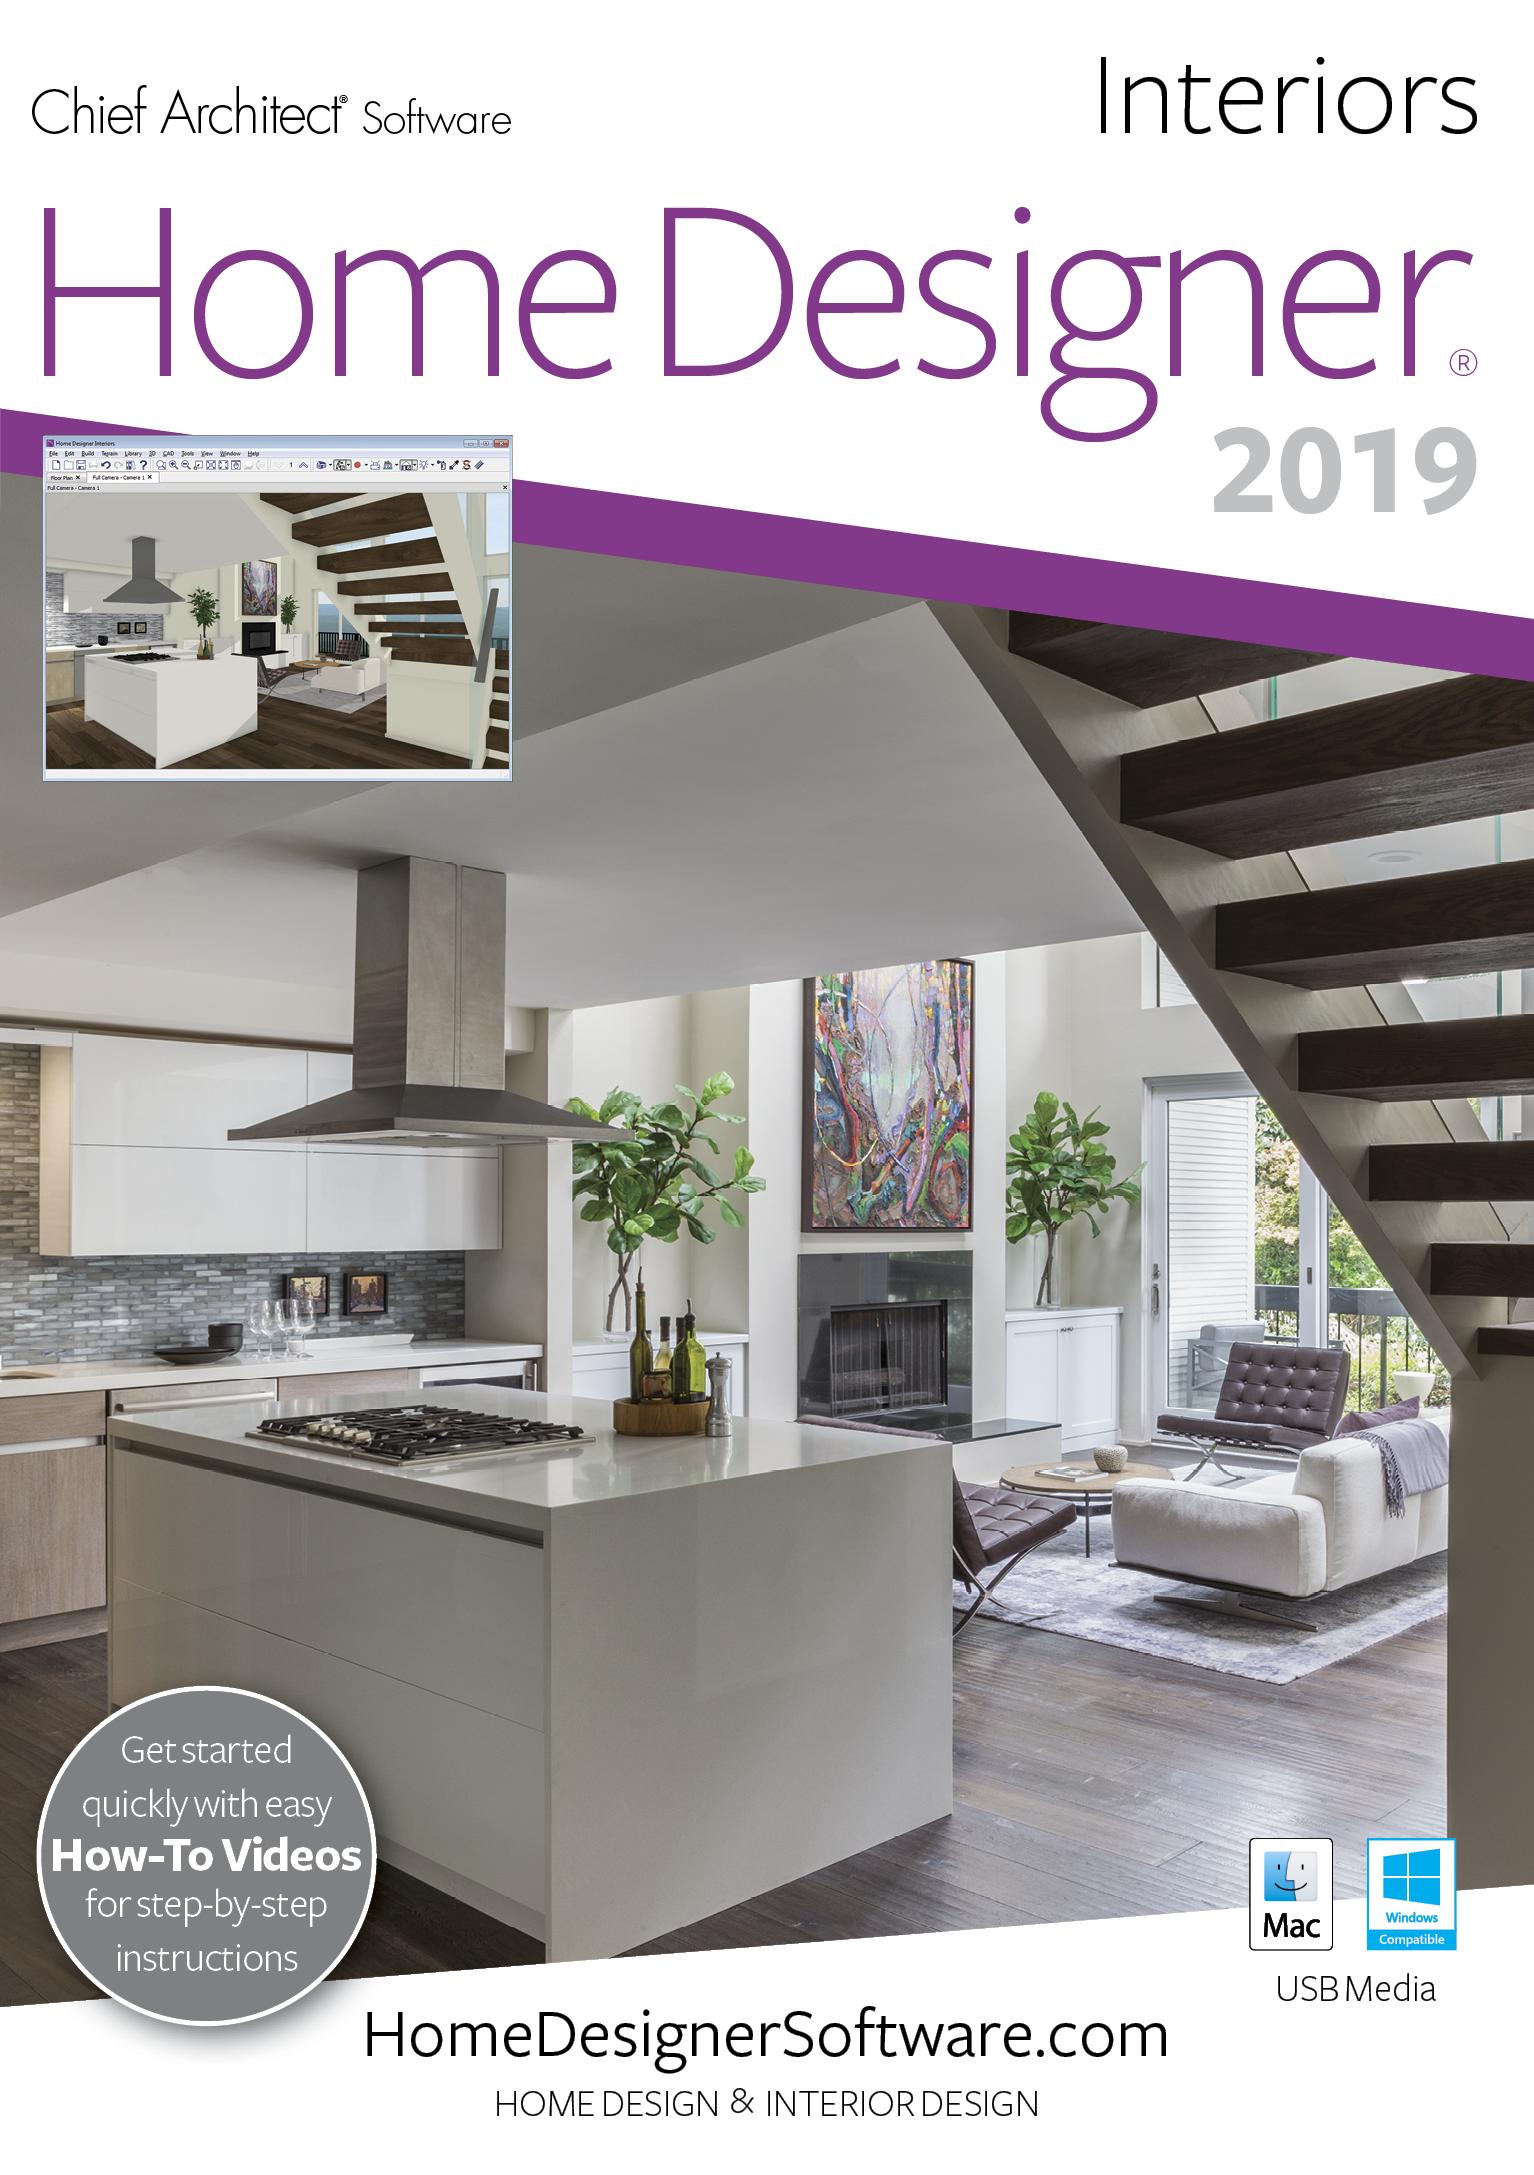 Home Designer Interiors 2019 Https Software Boutiquecloset Com Product Home Desig 3d Interior Design Software Interior Design Software Home Design Software